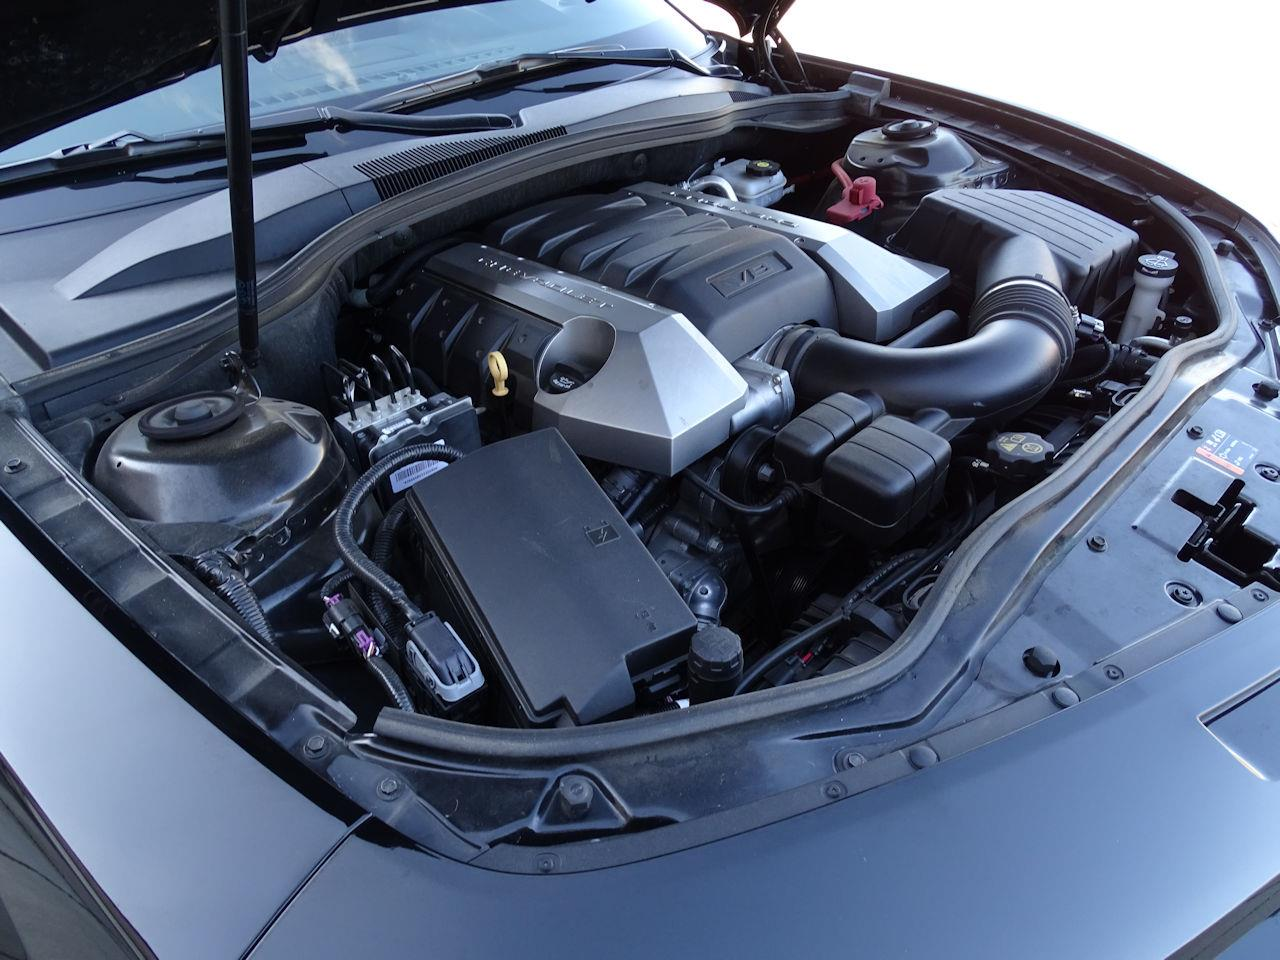 2011 Chevrolet Camaro (CC-1340750) for sale in O'Fallon, Illinois